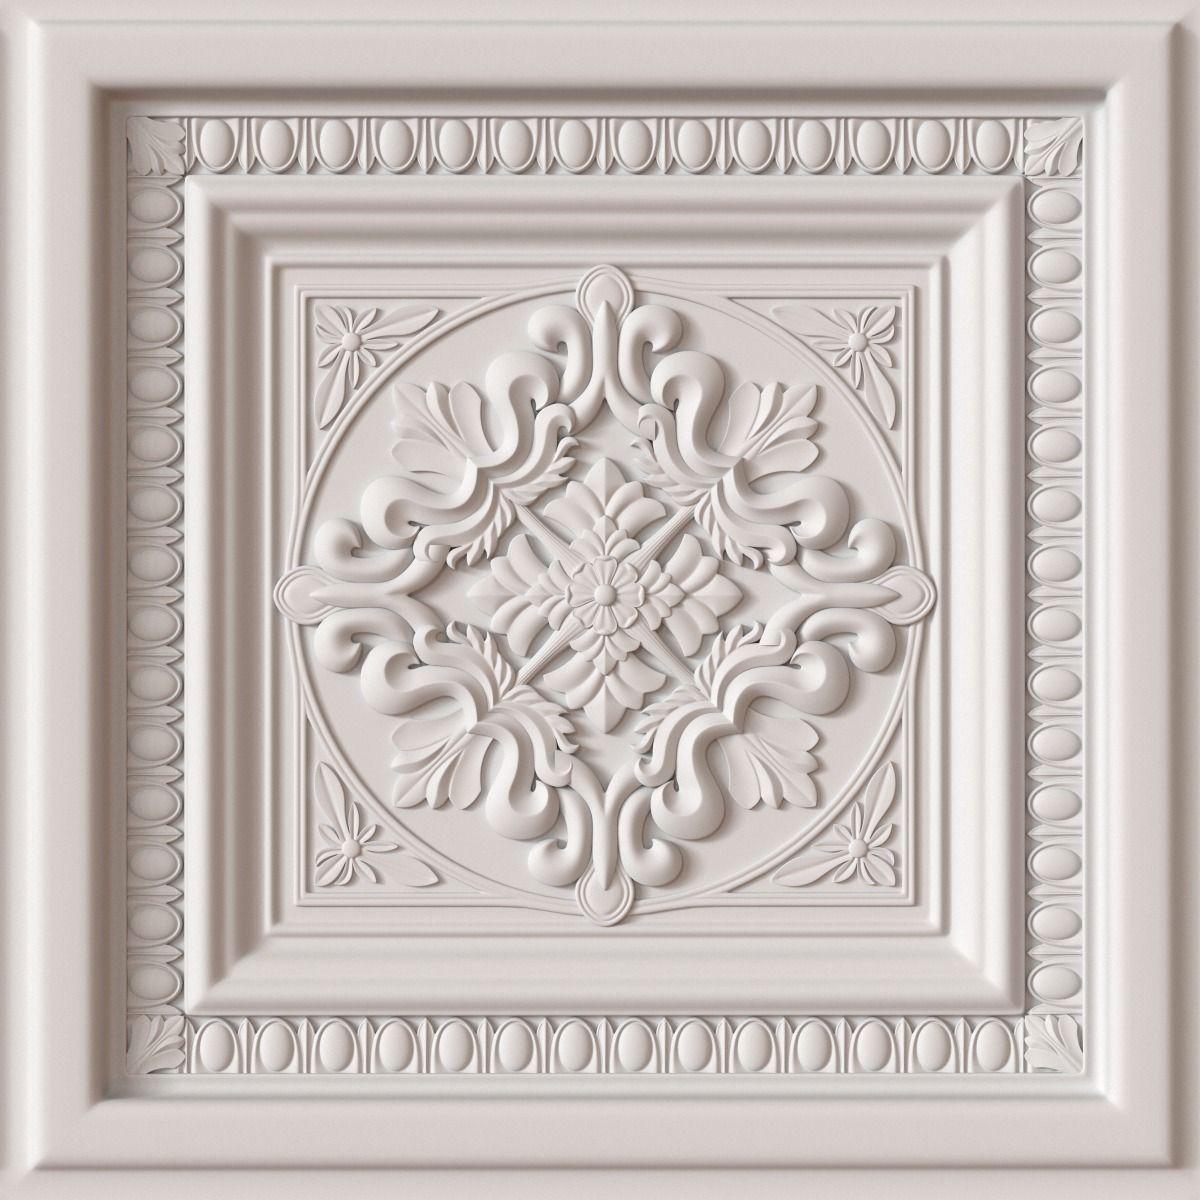 10 Decorative Ceiling Tile Collection 3d Model Obj 4